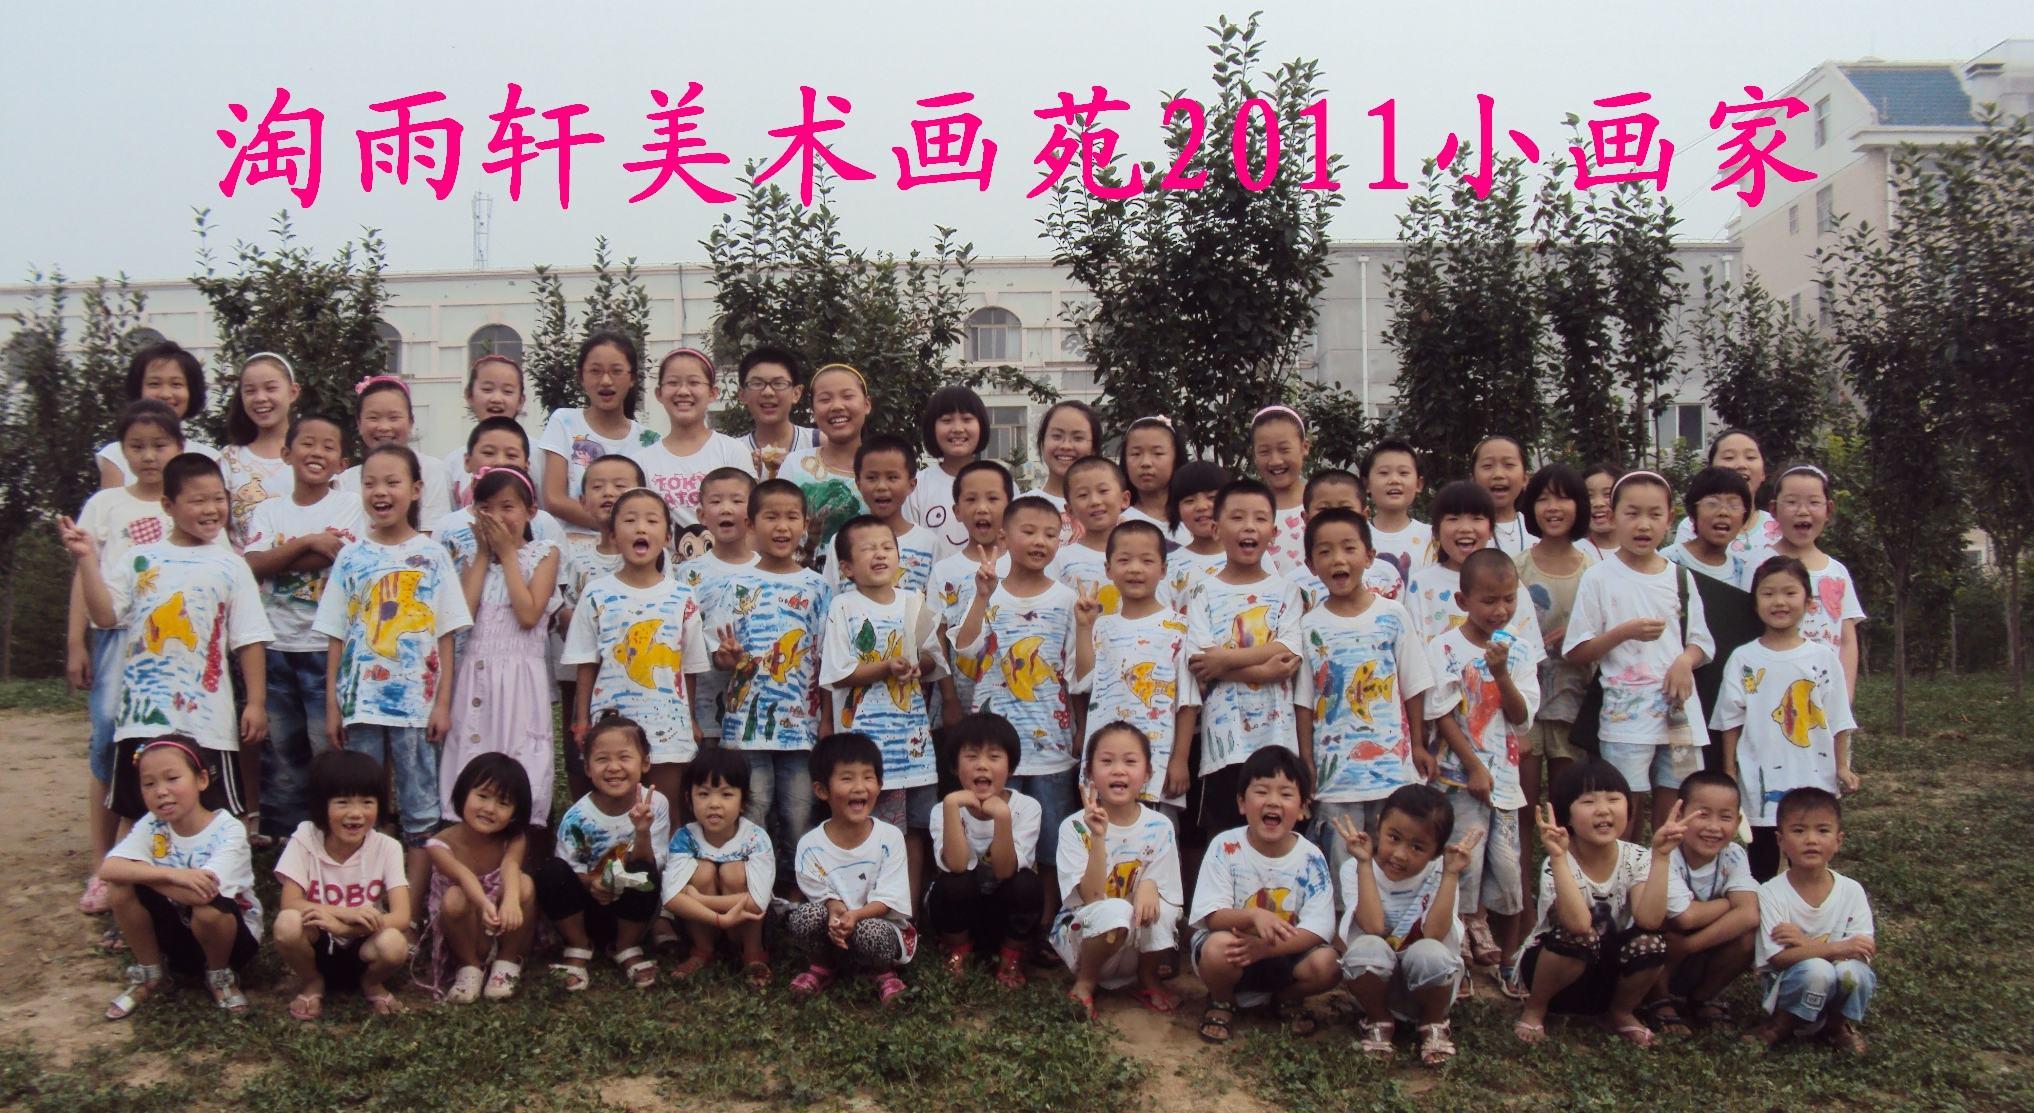 太阳城淘雨轩创意美术活动基地